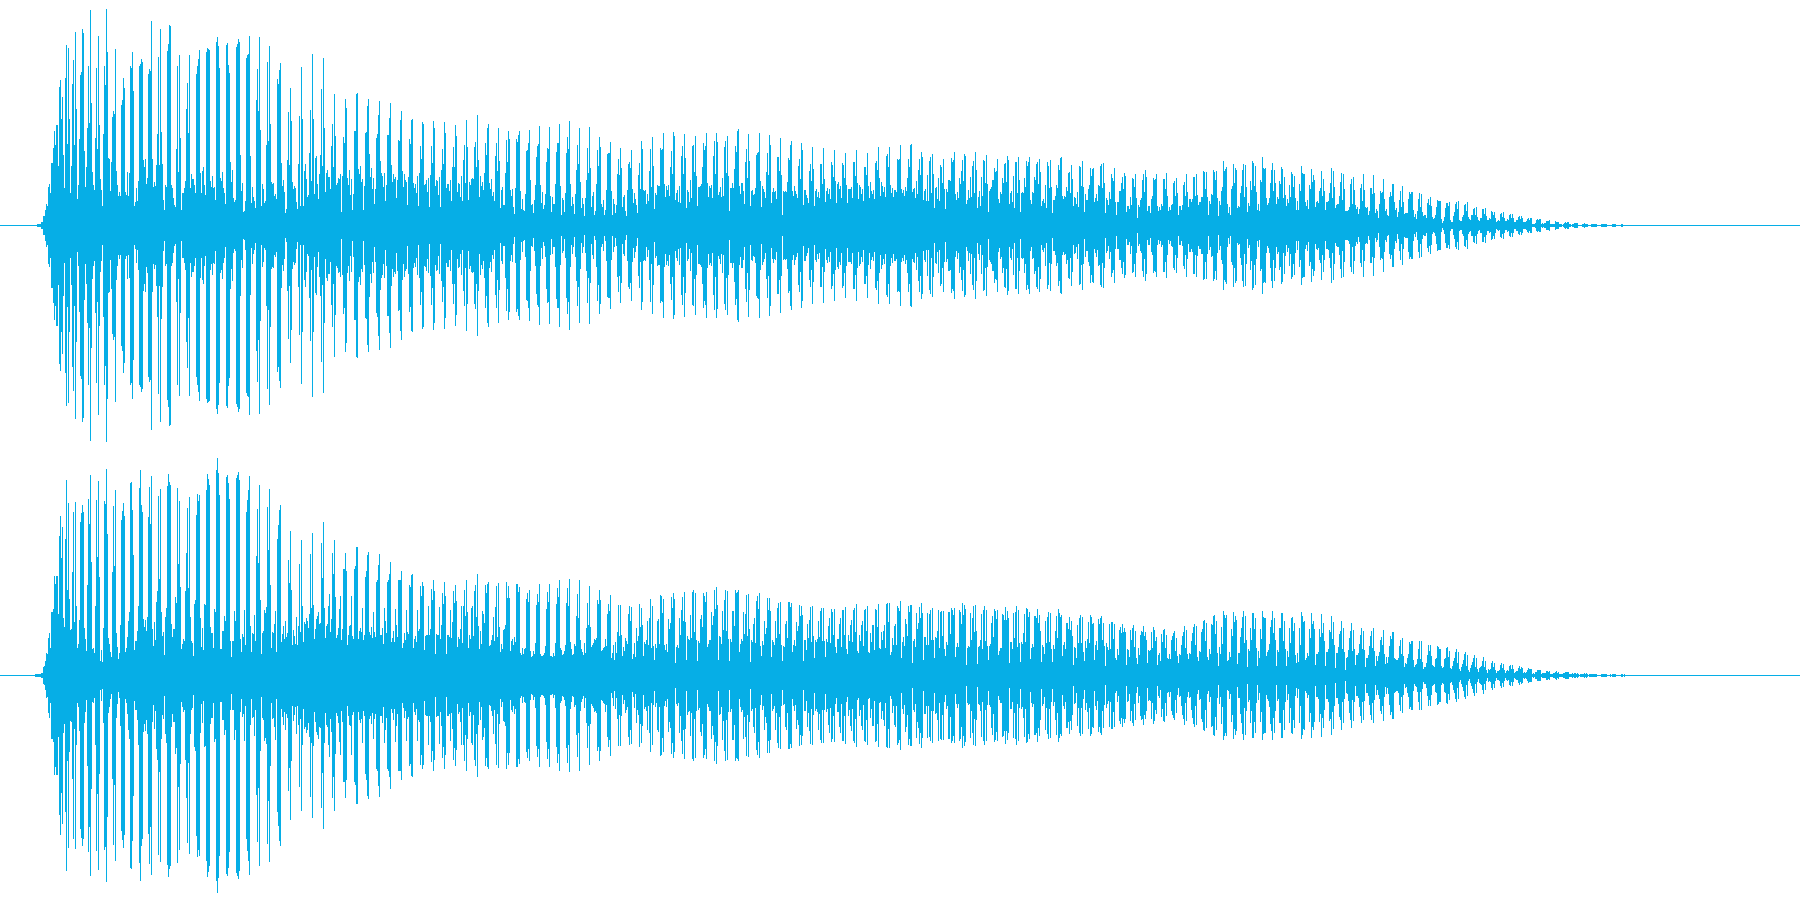 おなら、屁 (低め) プゥゥーの再生済みの波形